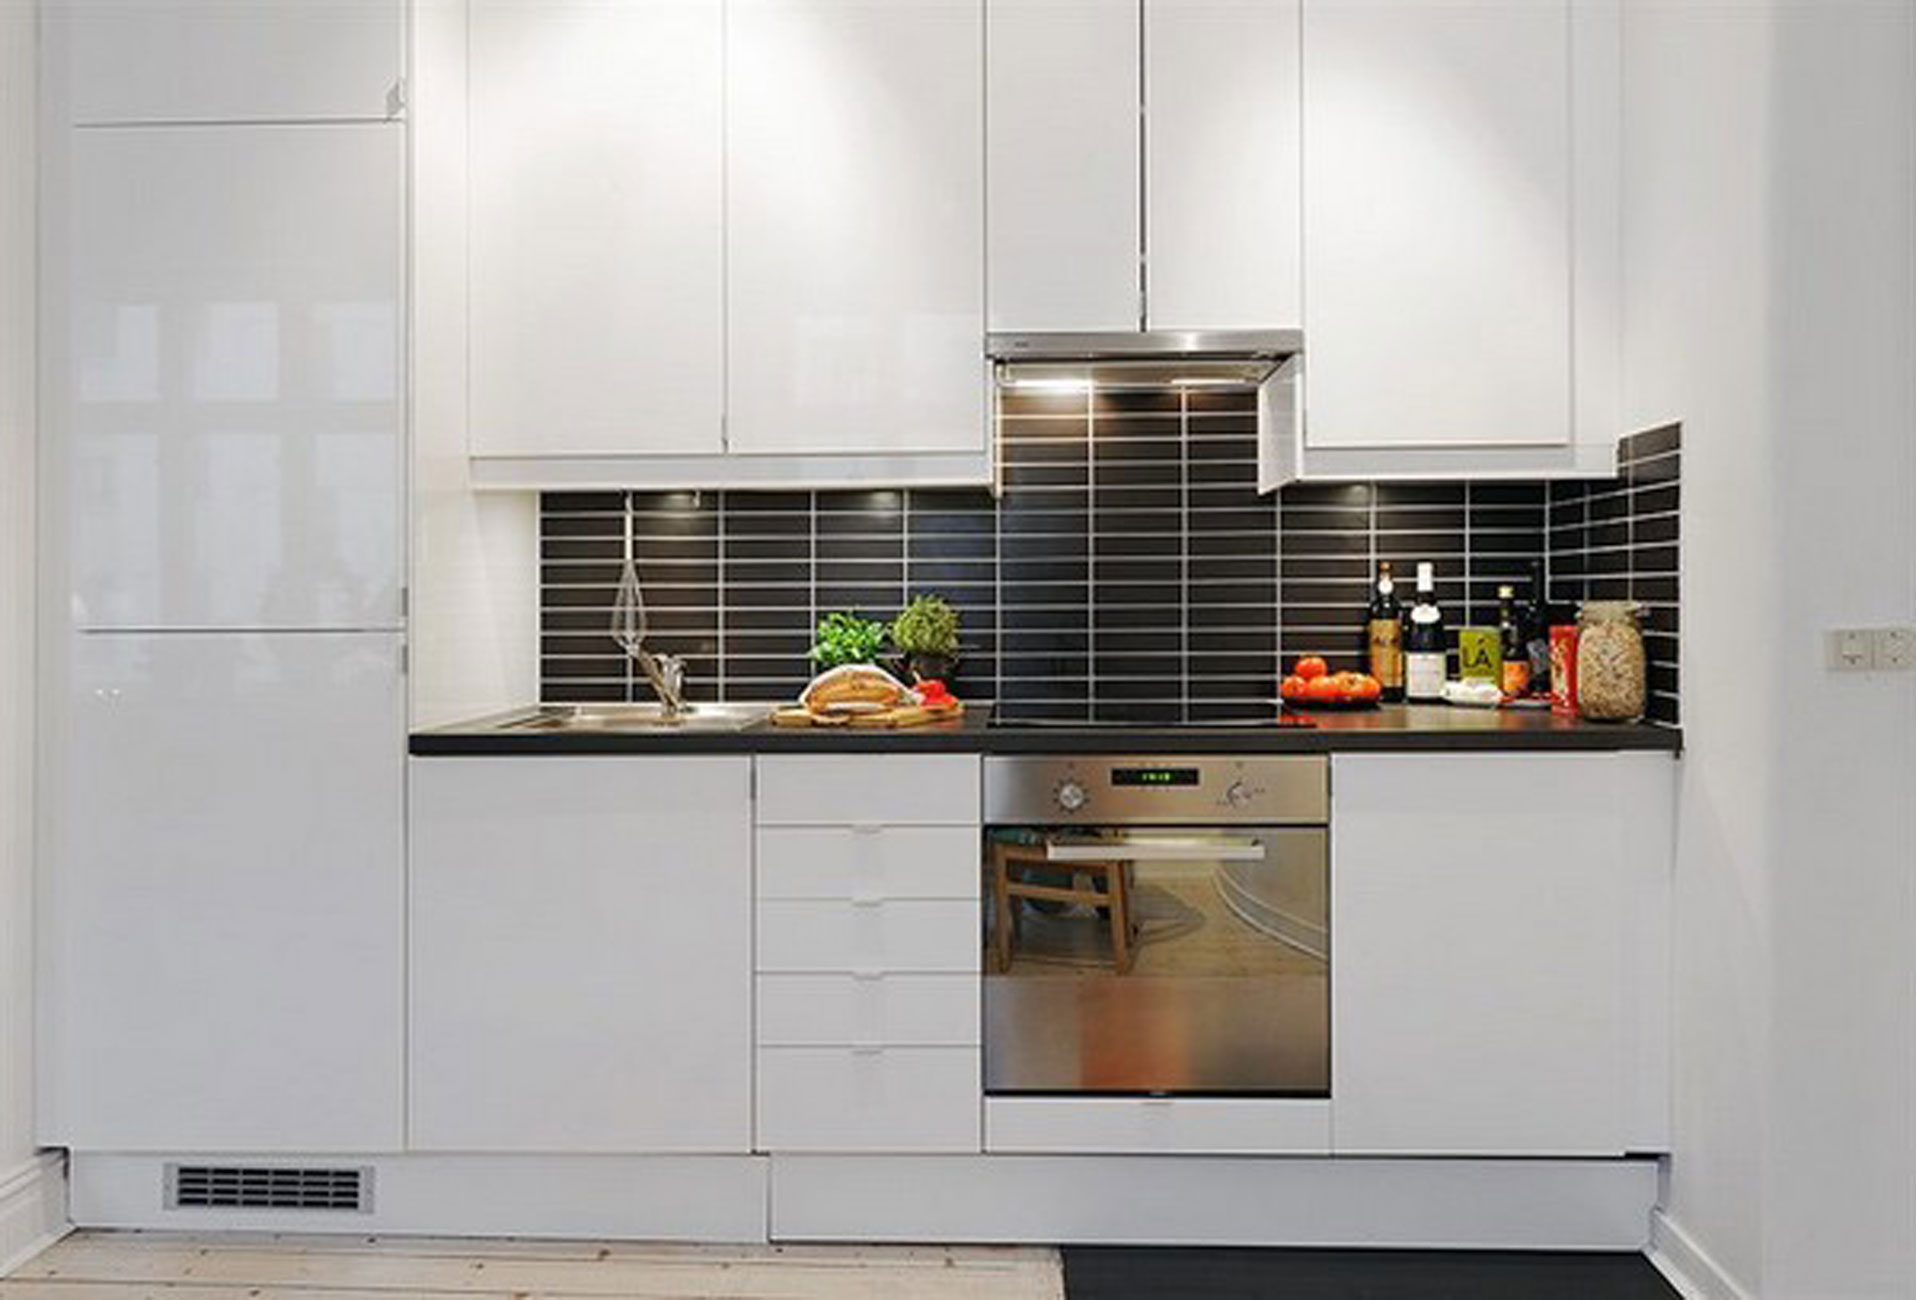 Contemporary apartment design in small loft area and bright interior kitchen